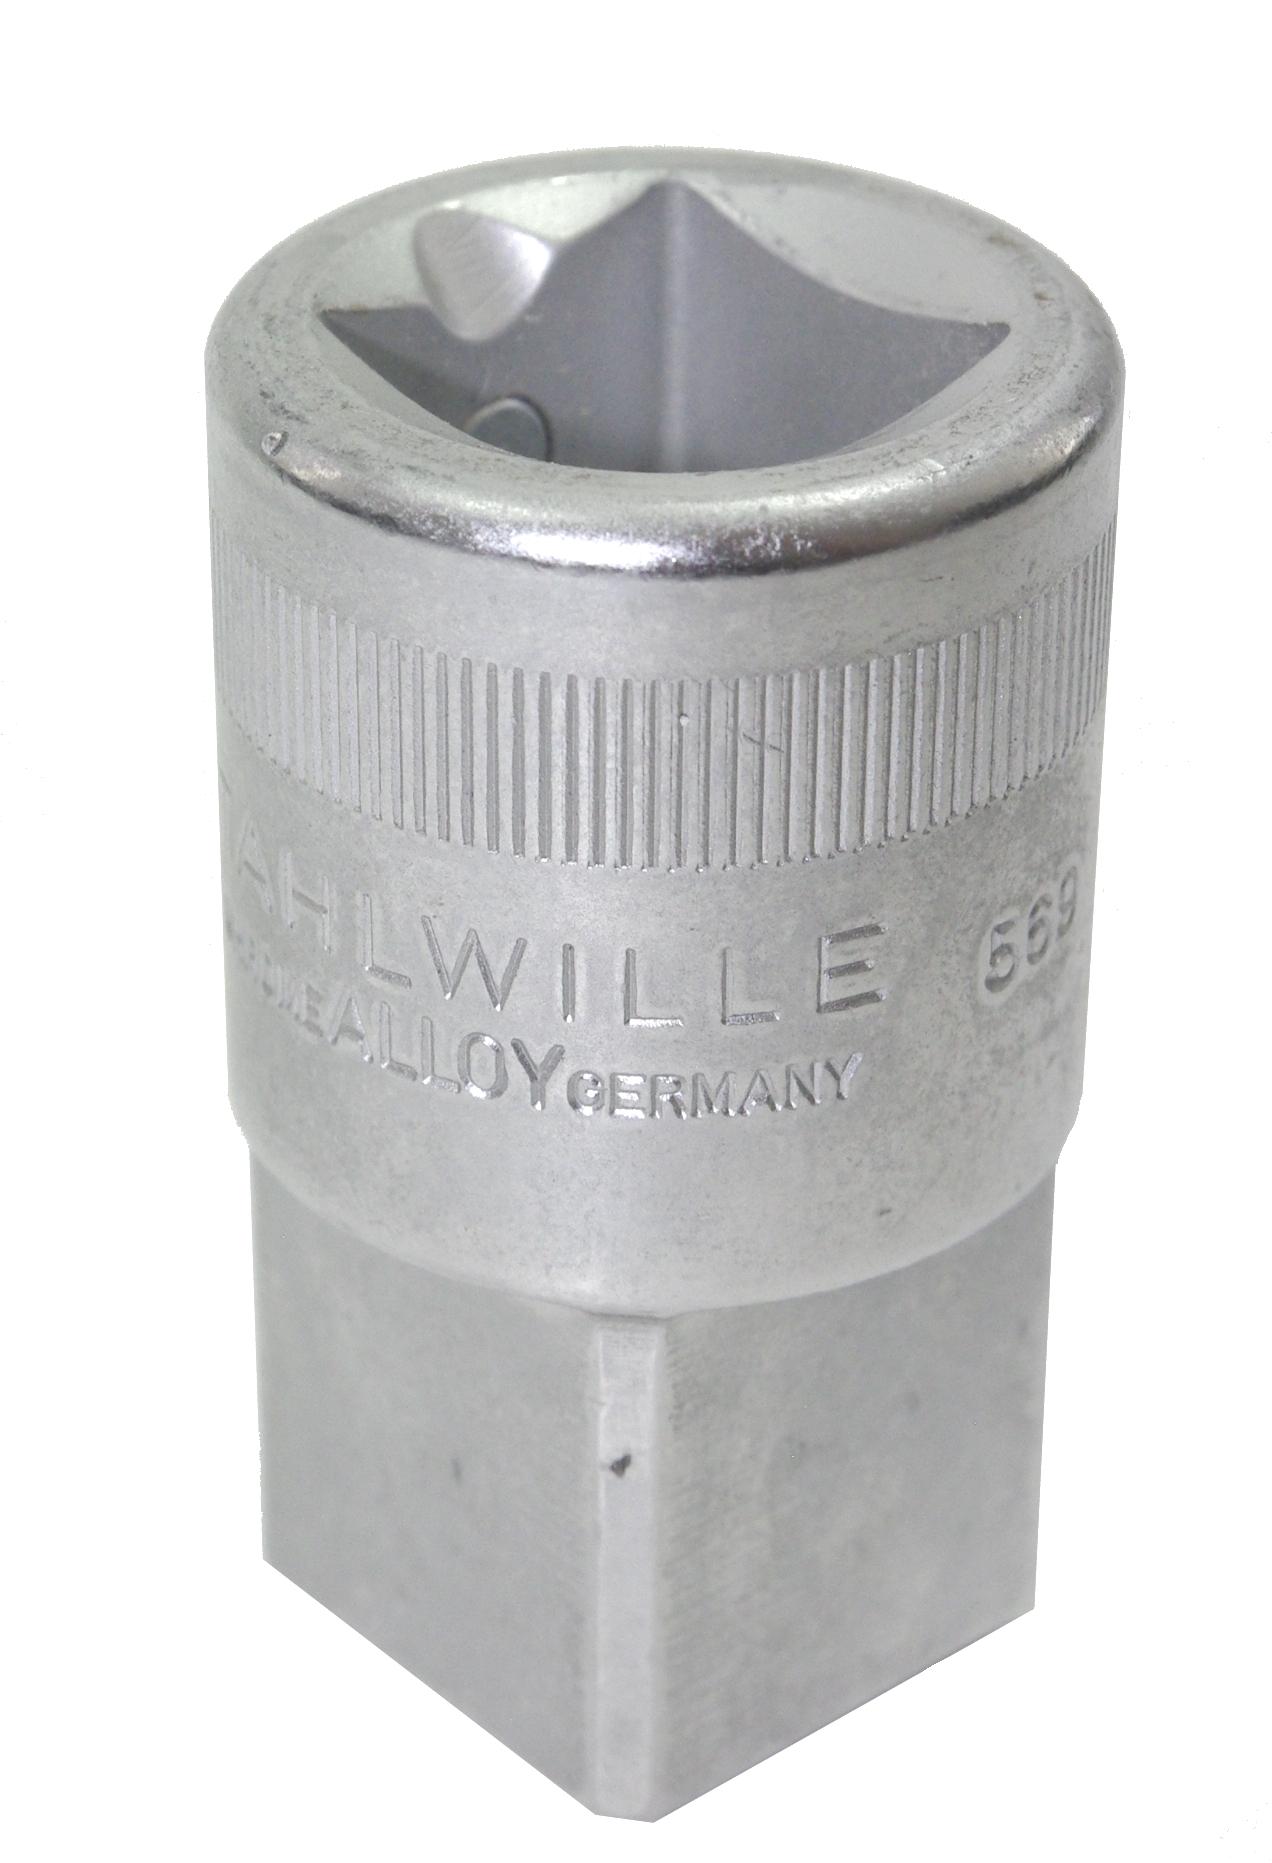 """STAHLWILLE 569 Übergangsteil Adapter von 20mm (3/4"""") auf 25mm (1"""") Antrieb - 15030006"""